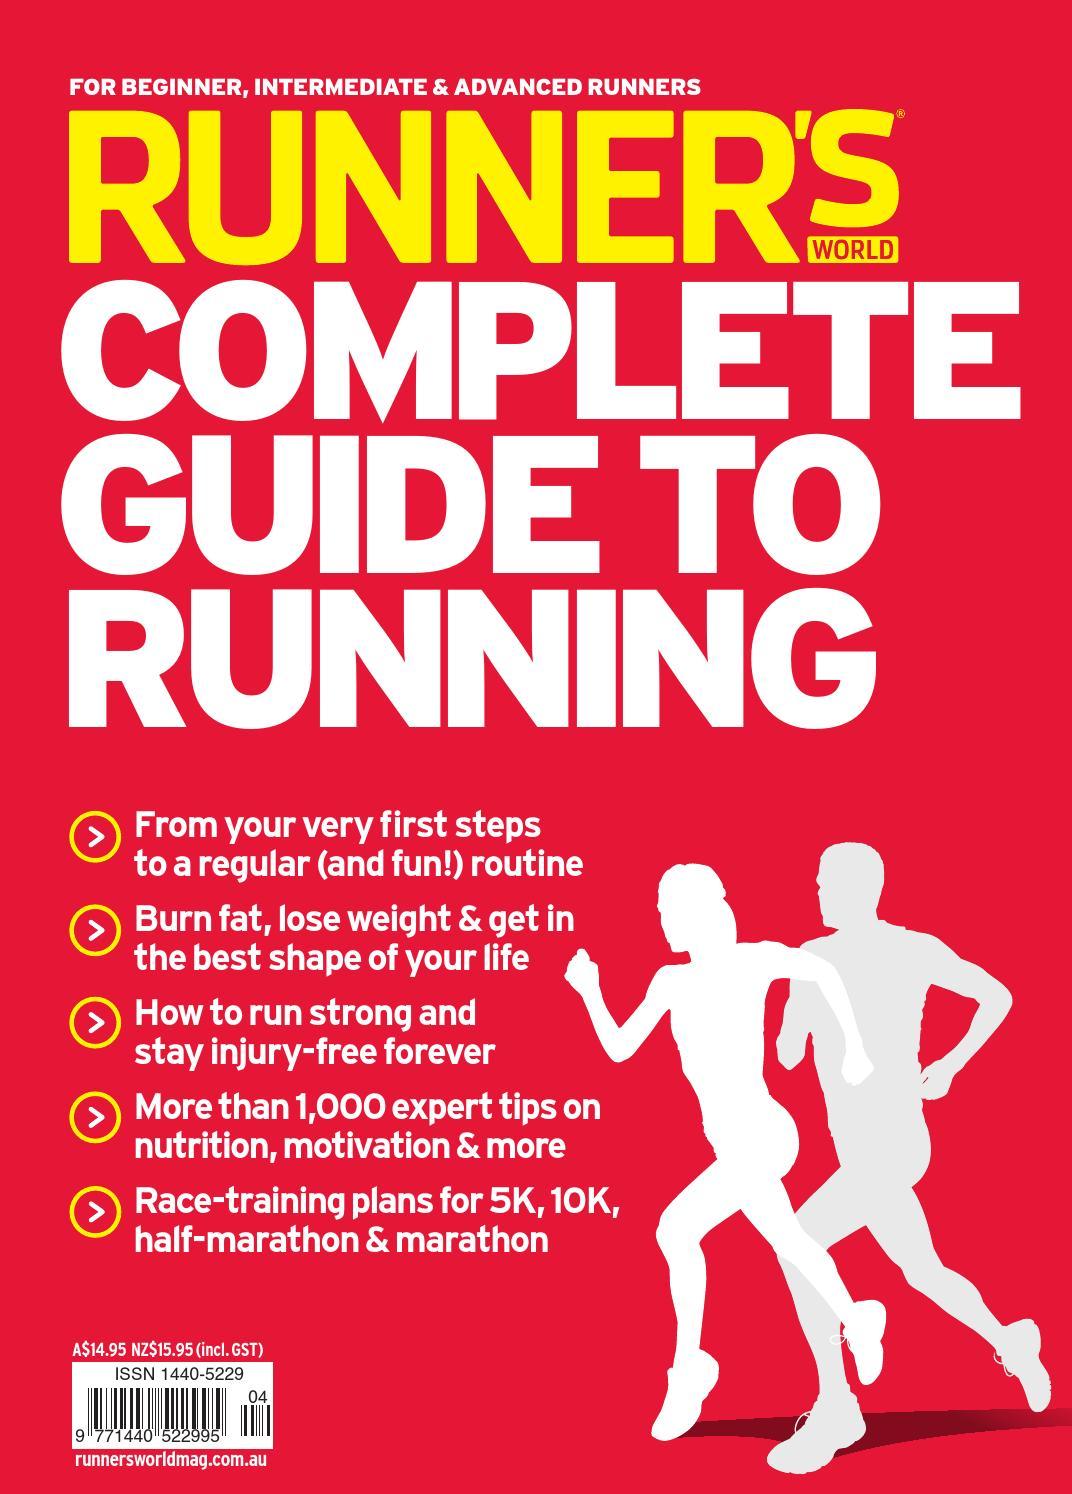 Watch 4 Steps to Running Your First Half-Marathon video